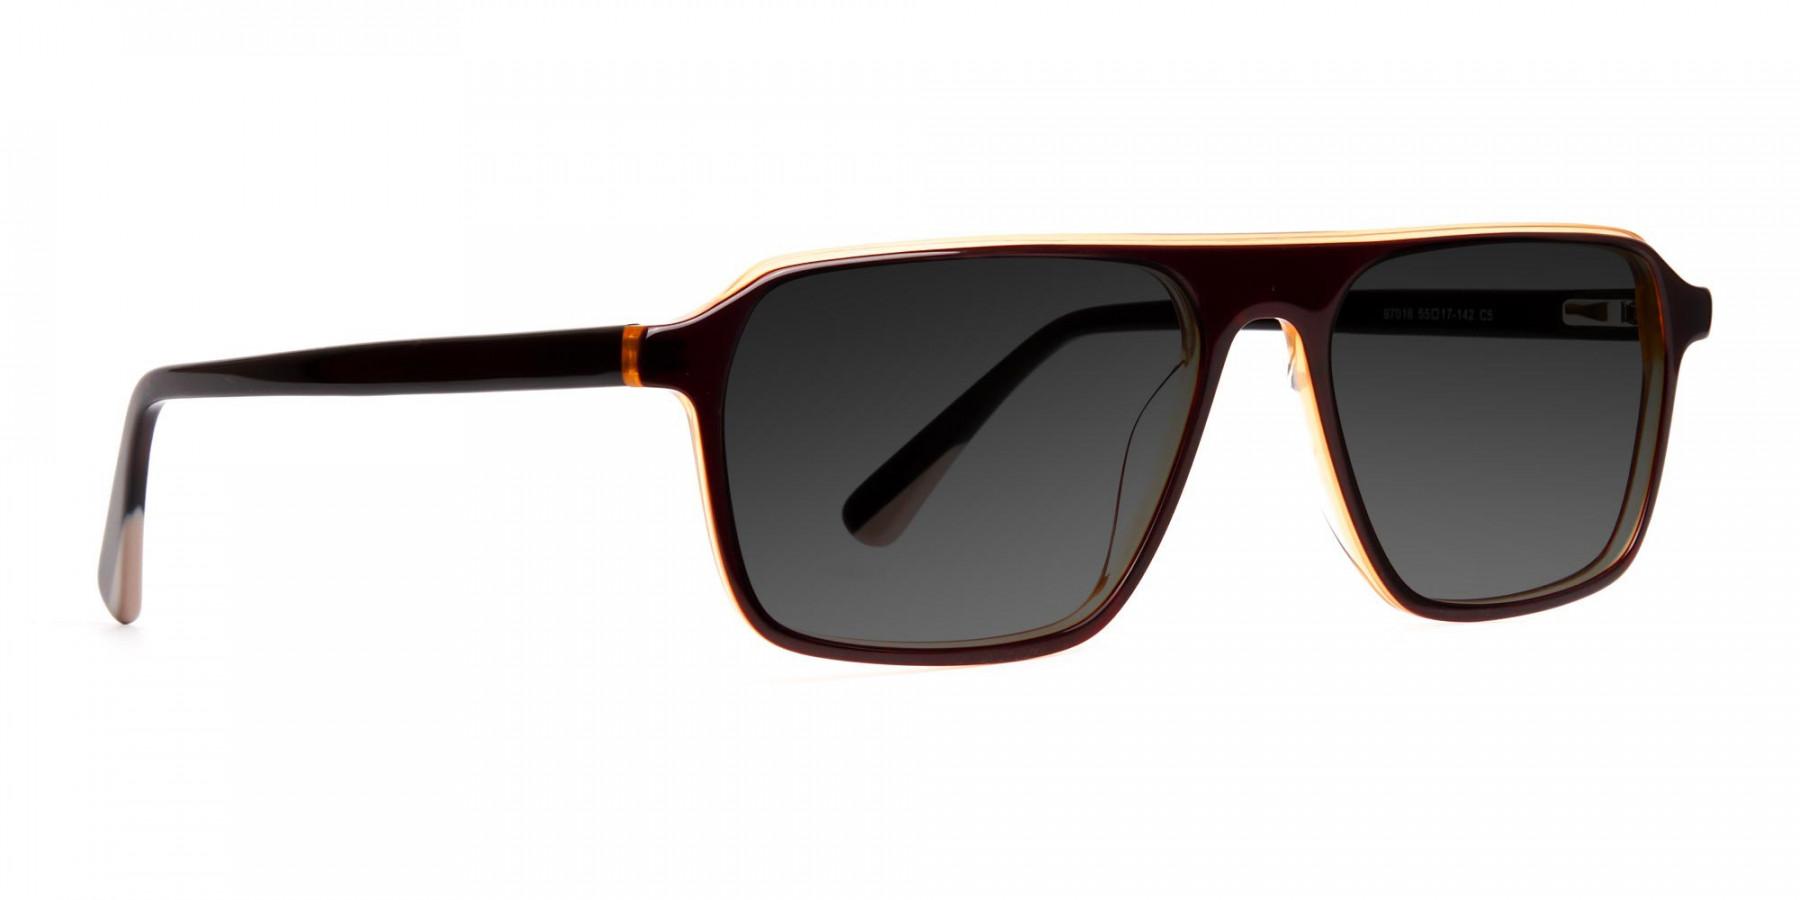 dark-brown-rectangular-full-rim-dark-grey-tinted-sunglasses-frames-3